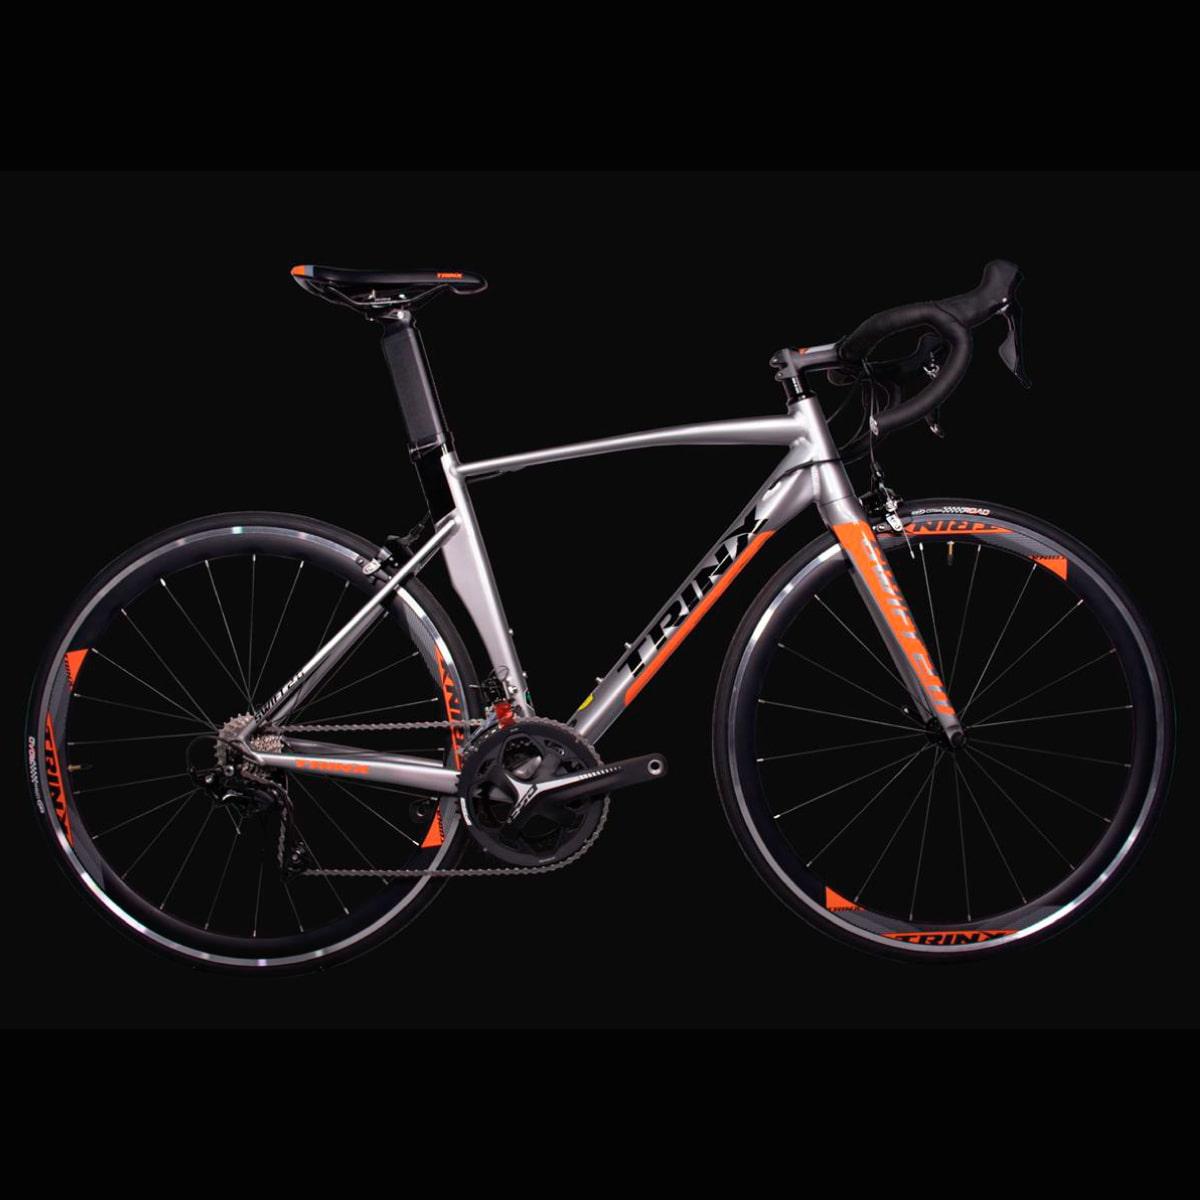 Bike Trinx Swfit 2.0 2020 22v Shimano Cinza Laranja